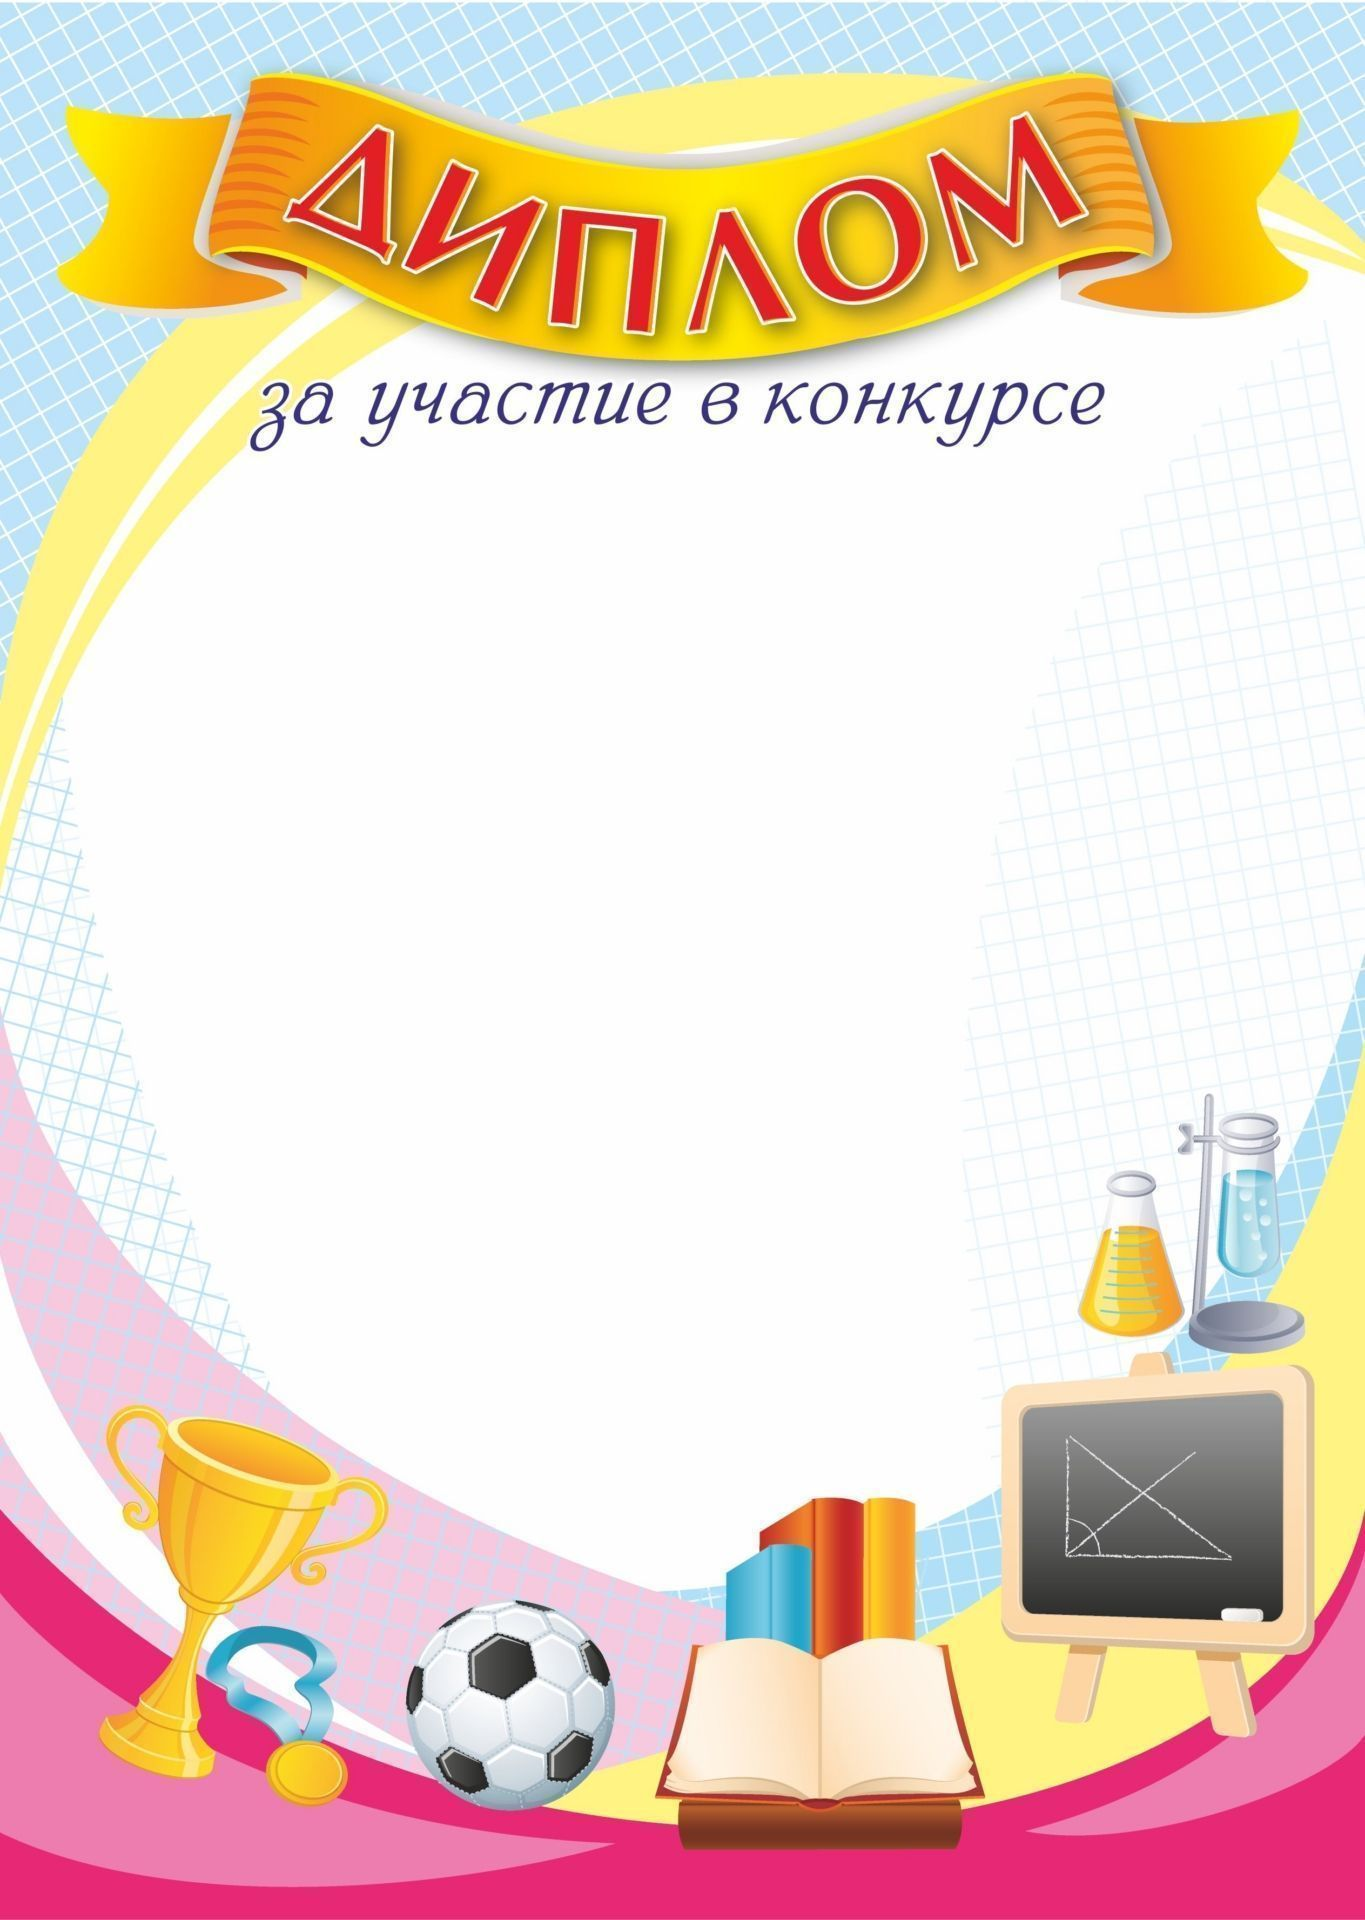 Диплом за участие в конкурсе